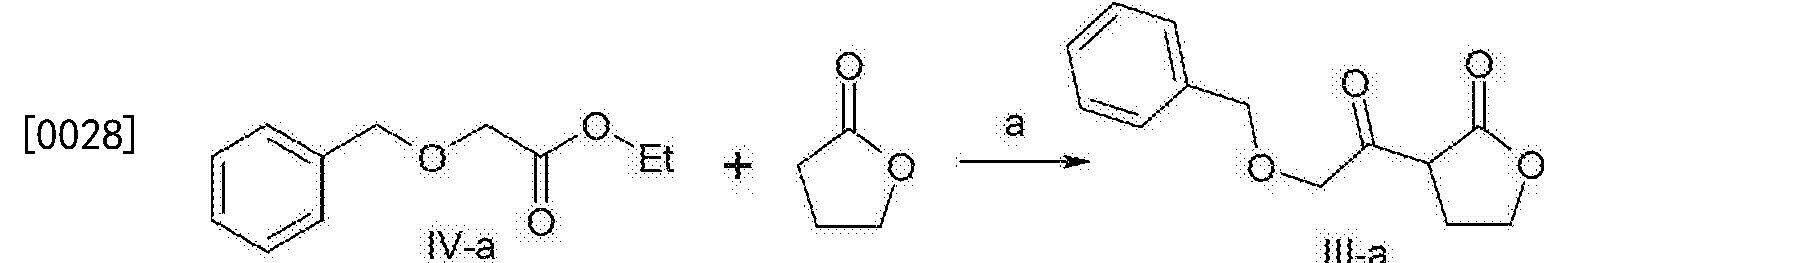 Figure CN103864813BD00051